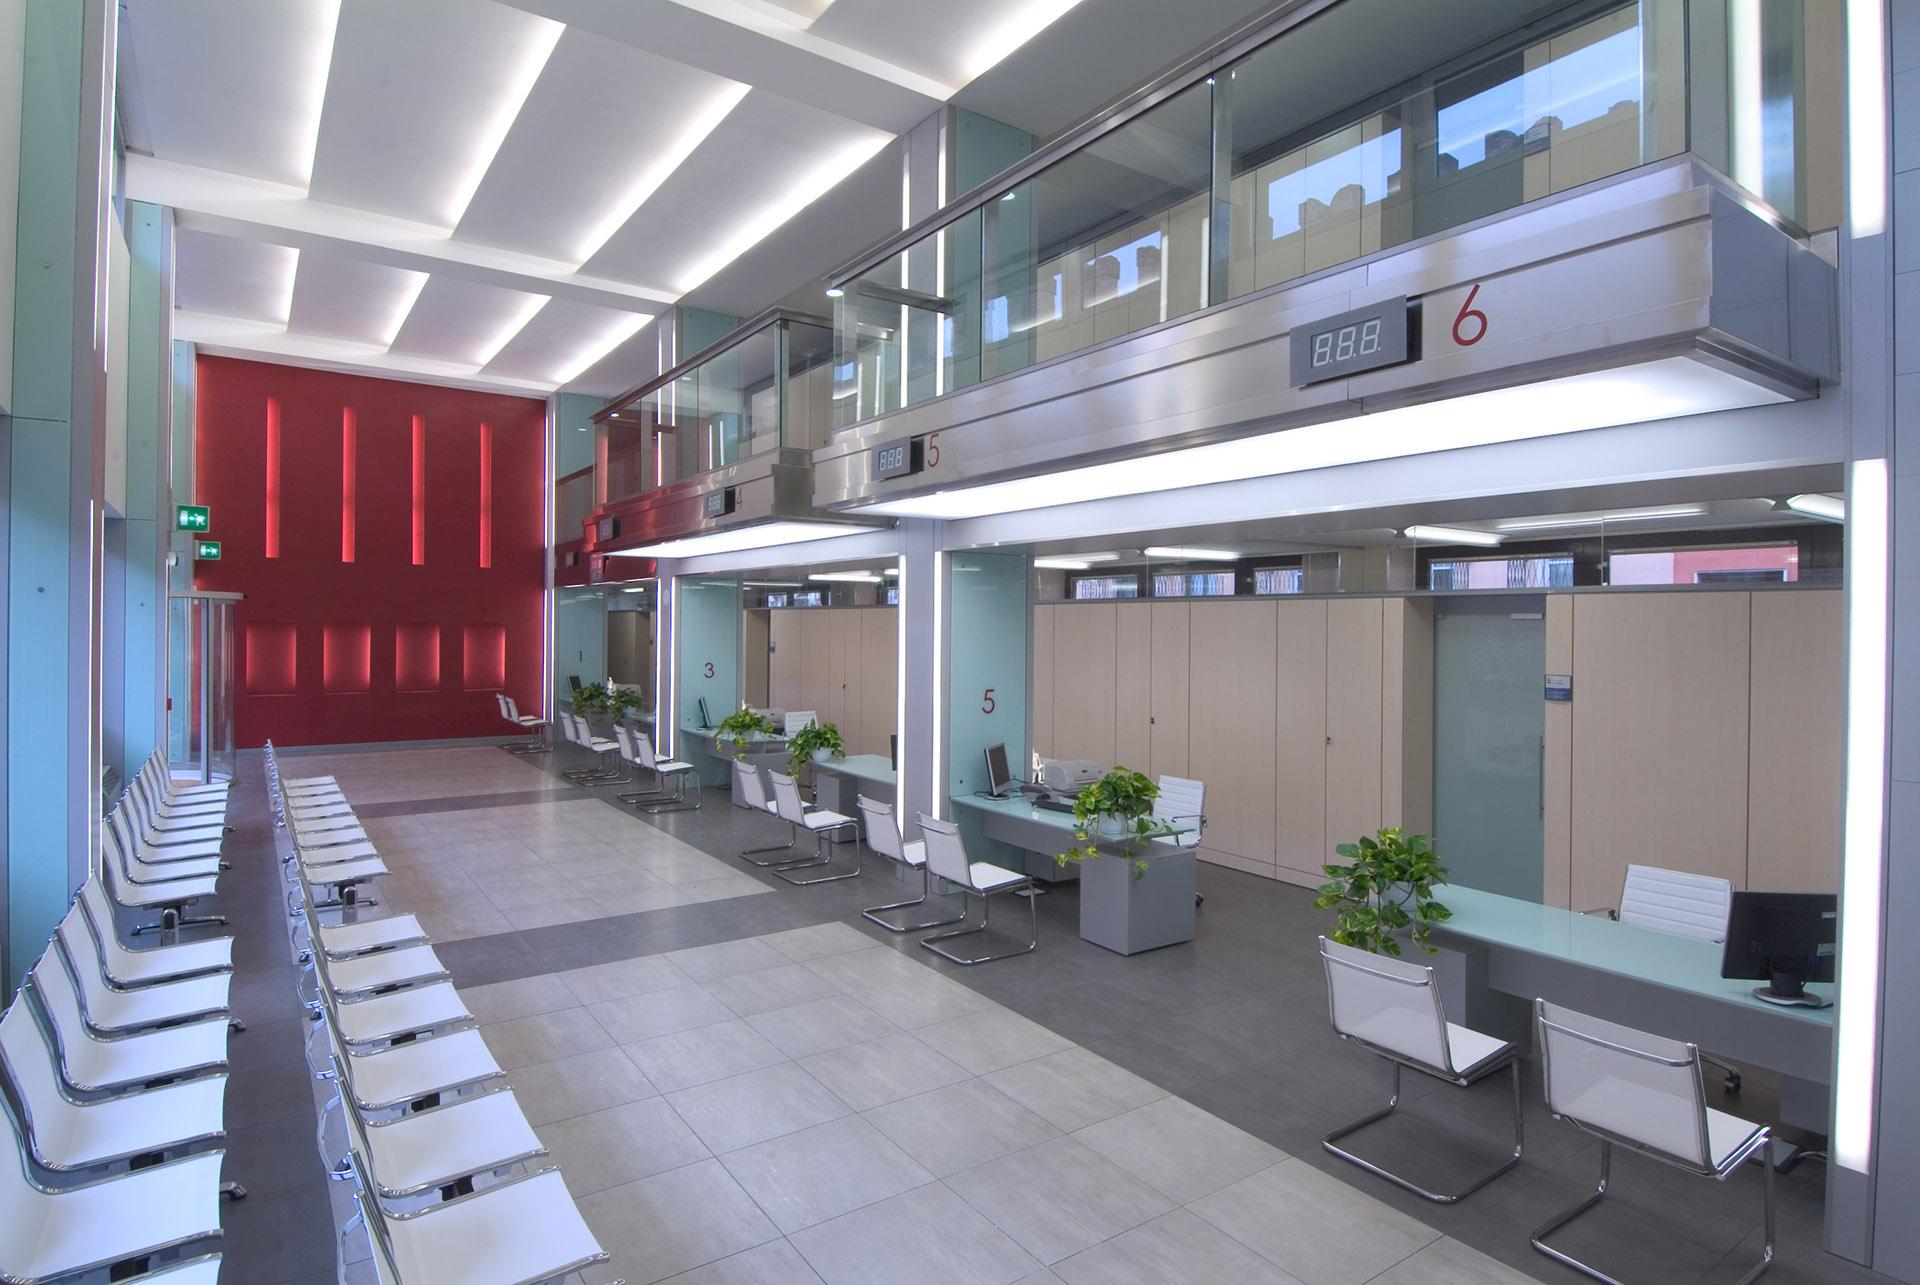 Attesa Uffici Palazzo dell' Anagrafe